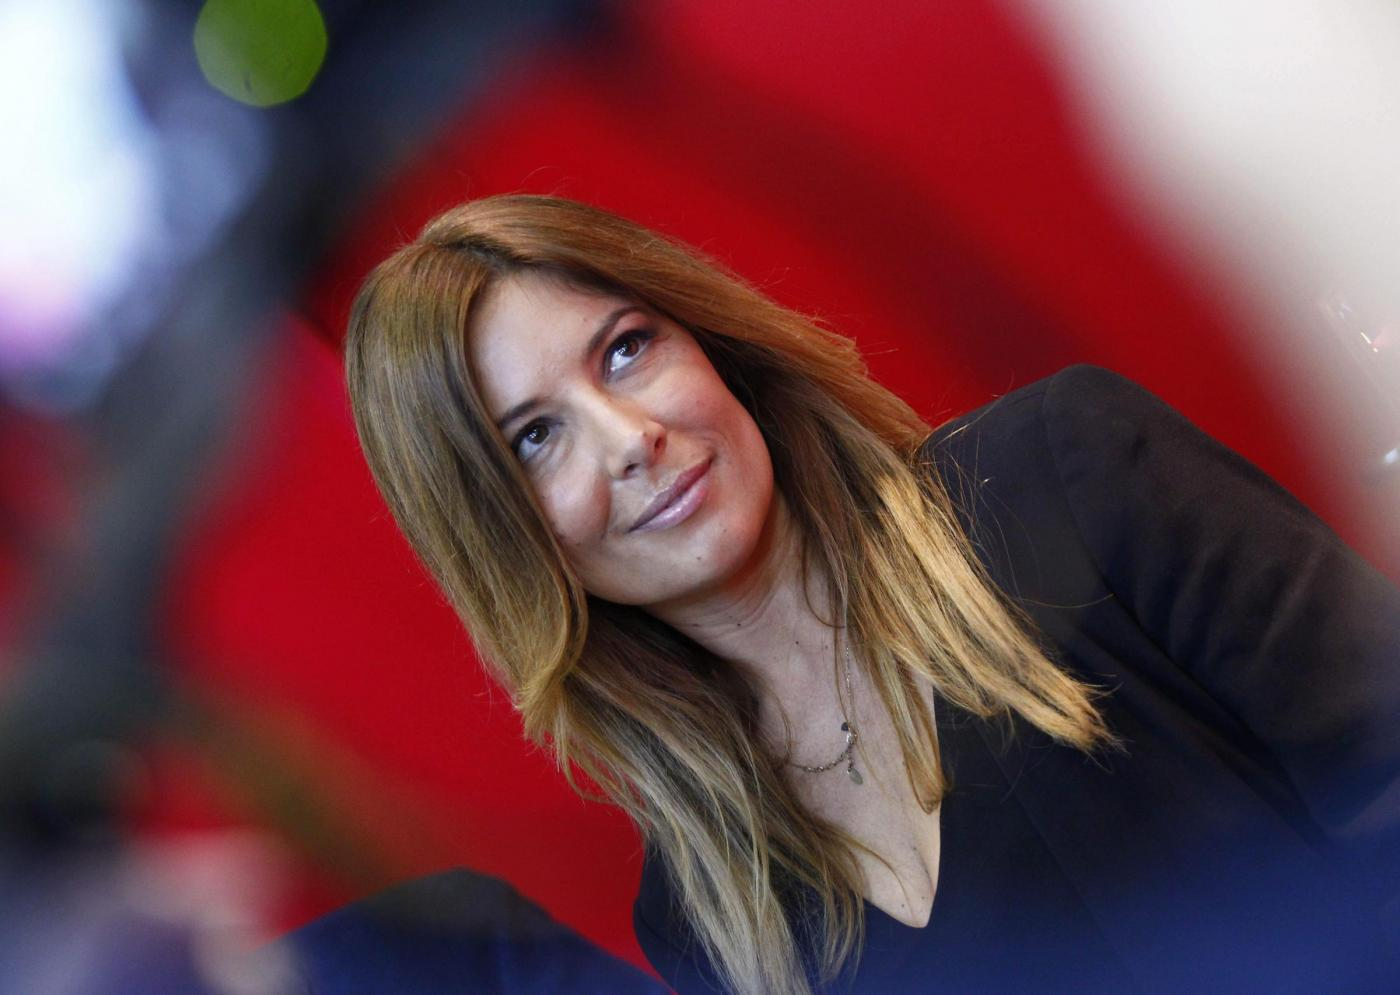 Video hard studentessa Pozzuoli, Selvaggia Lucarelli: 'Come Tiziana Cantone'